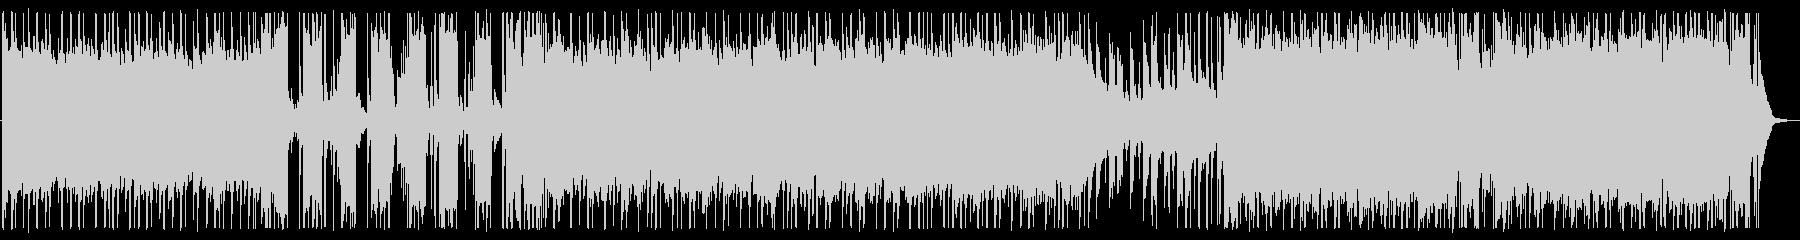 爽やか/バンドサウンド/生演奏No510の未再生の波形